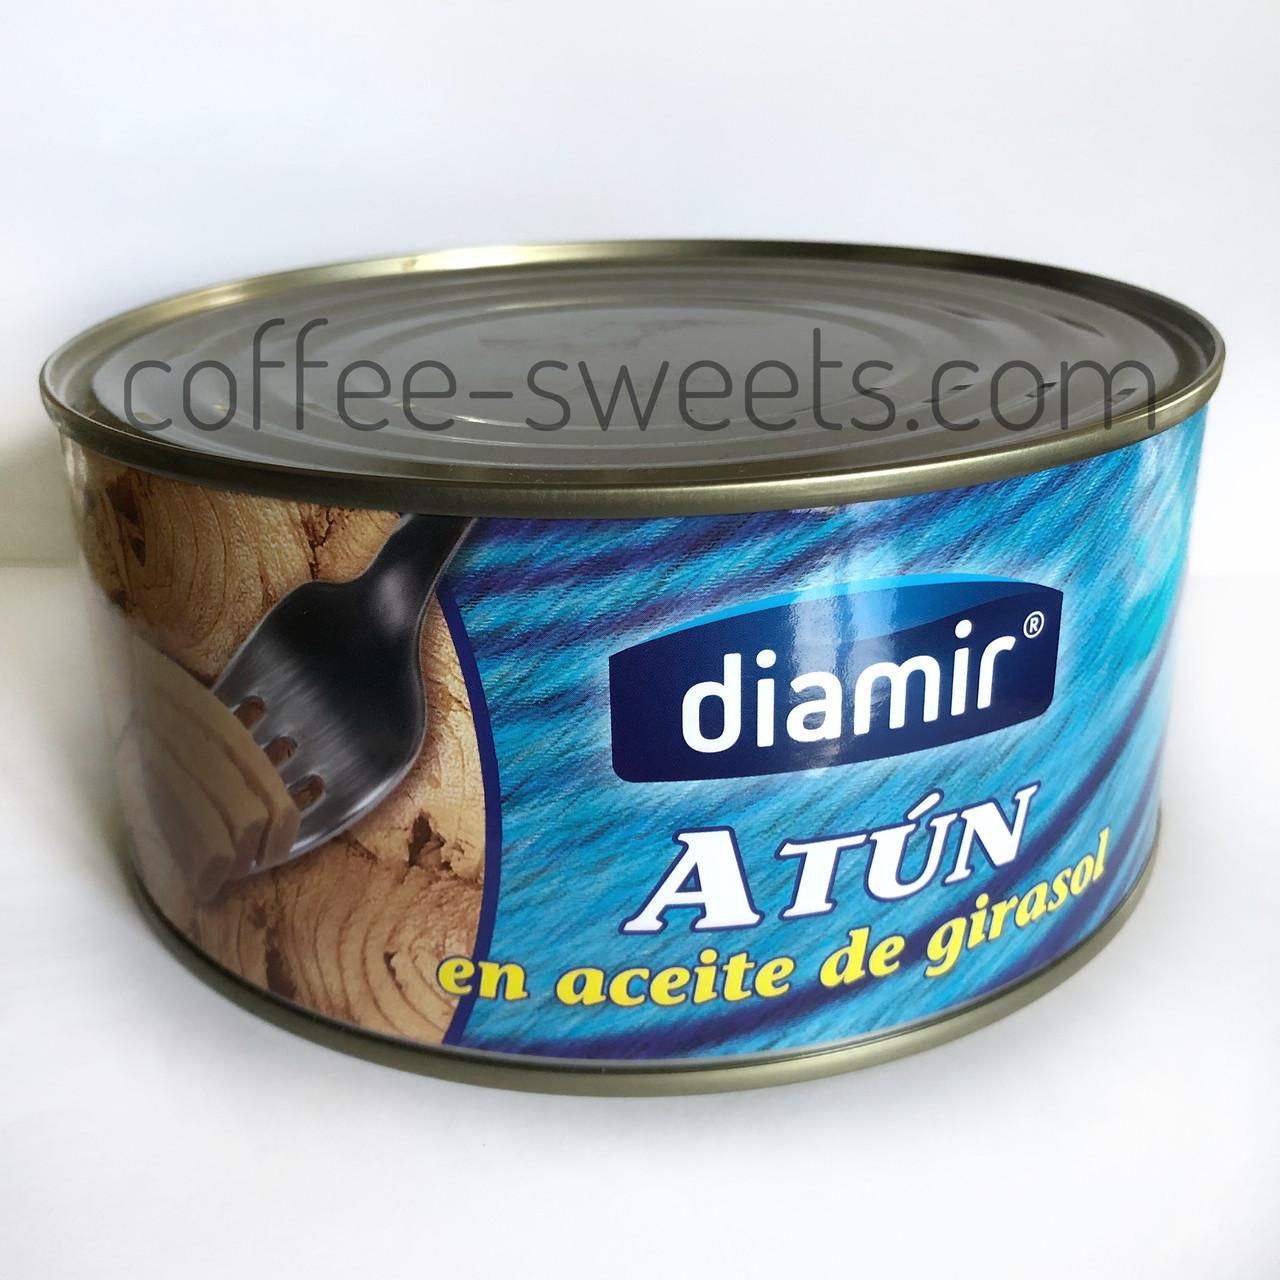 Тунец Diamir Atun en aceite de girasol в подсолнечном масле 900g